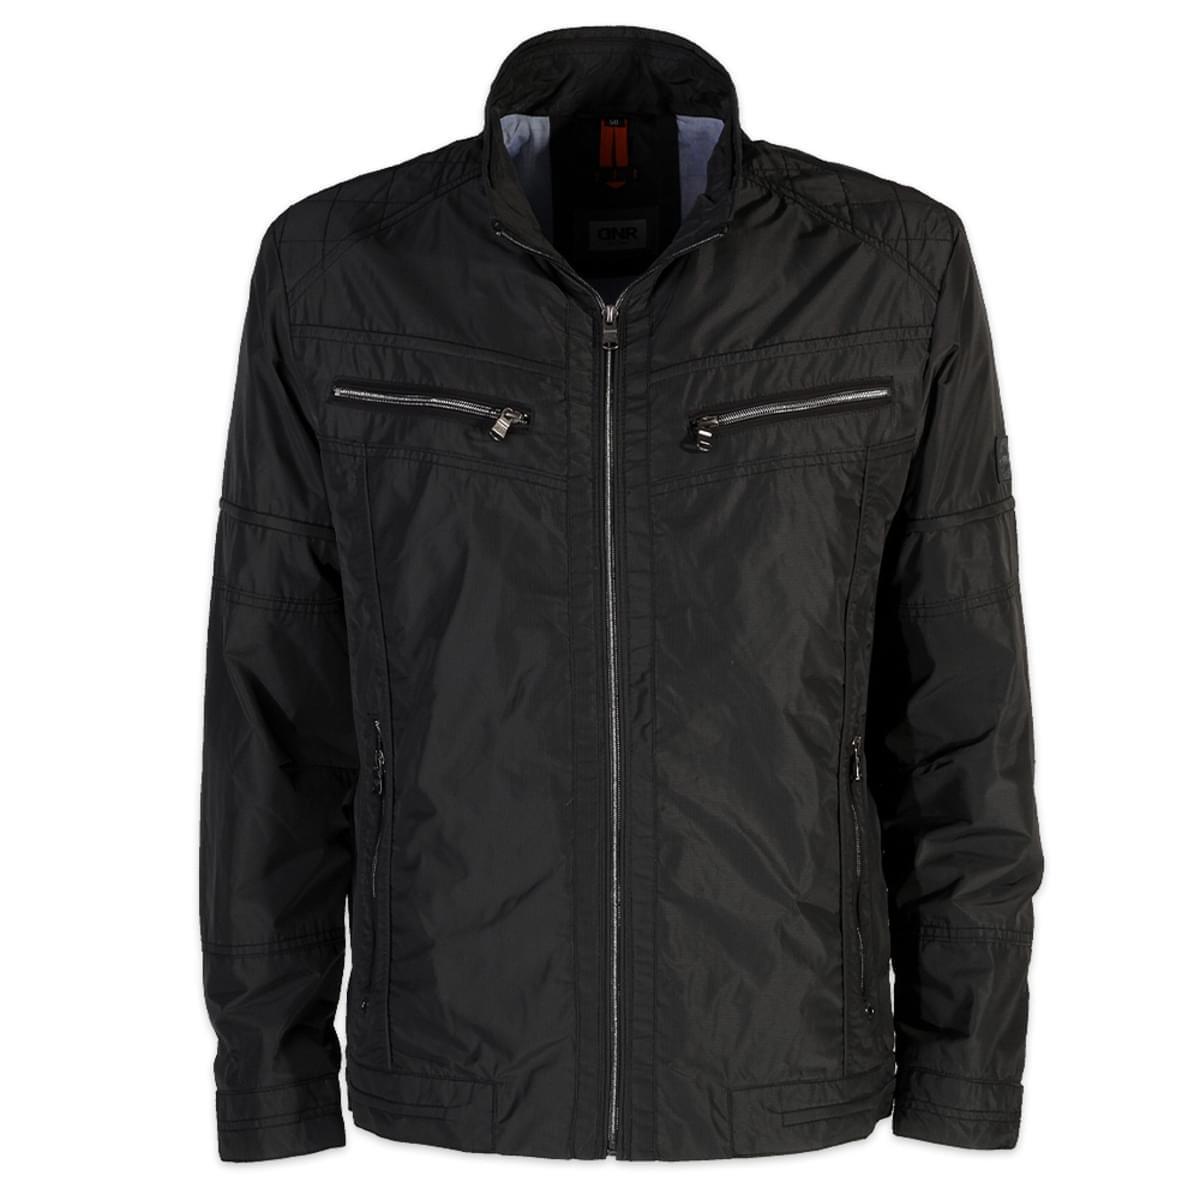 Pánská bunda Donders 6376 v černé barvě 50 (M)